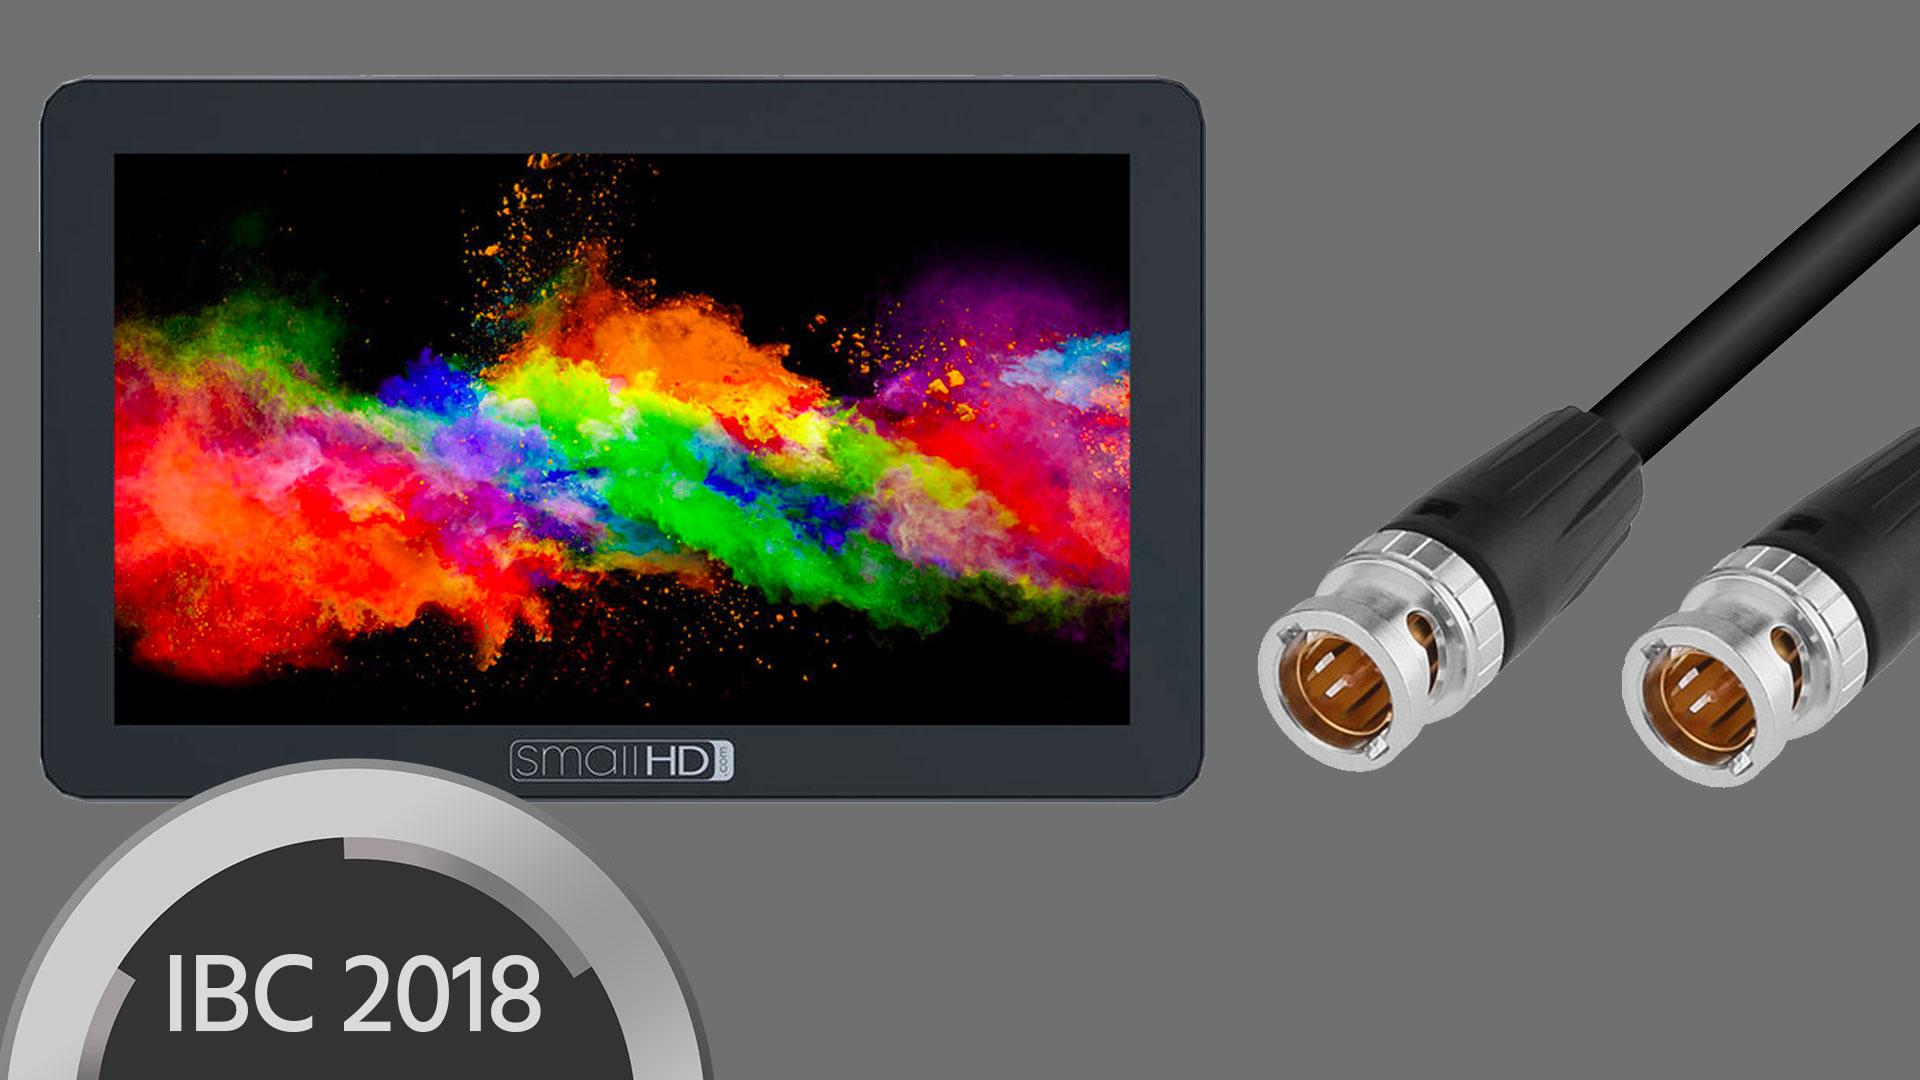 SmallHDがFOCUS OLED SDIを発表